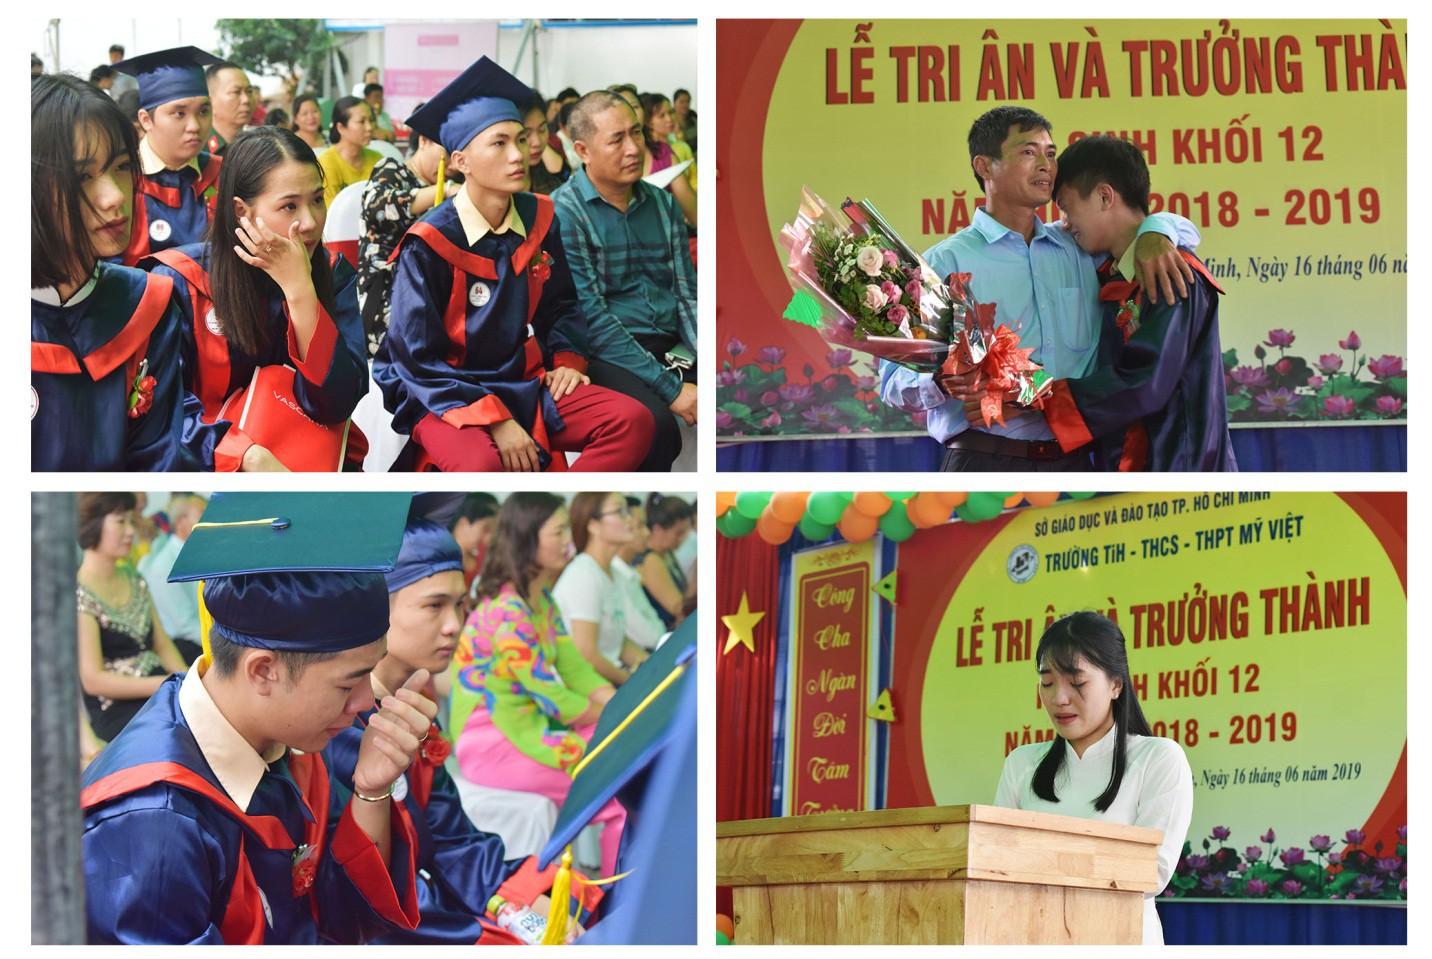 Nước mắt xen lẫn niềm vui trong lễ tri ân và trưởng thành của teen Mỹ Việt - Ảnh 5.